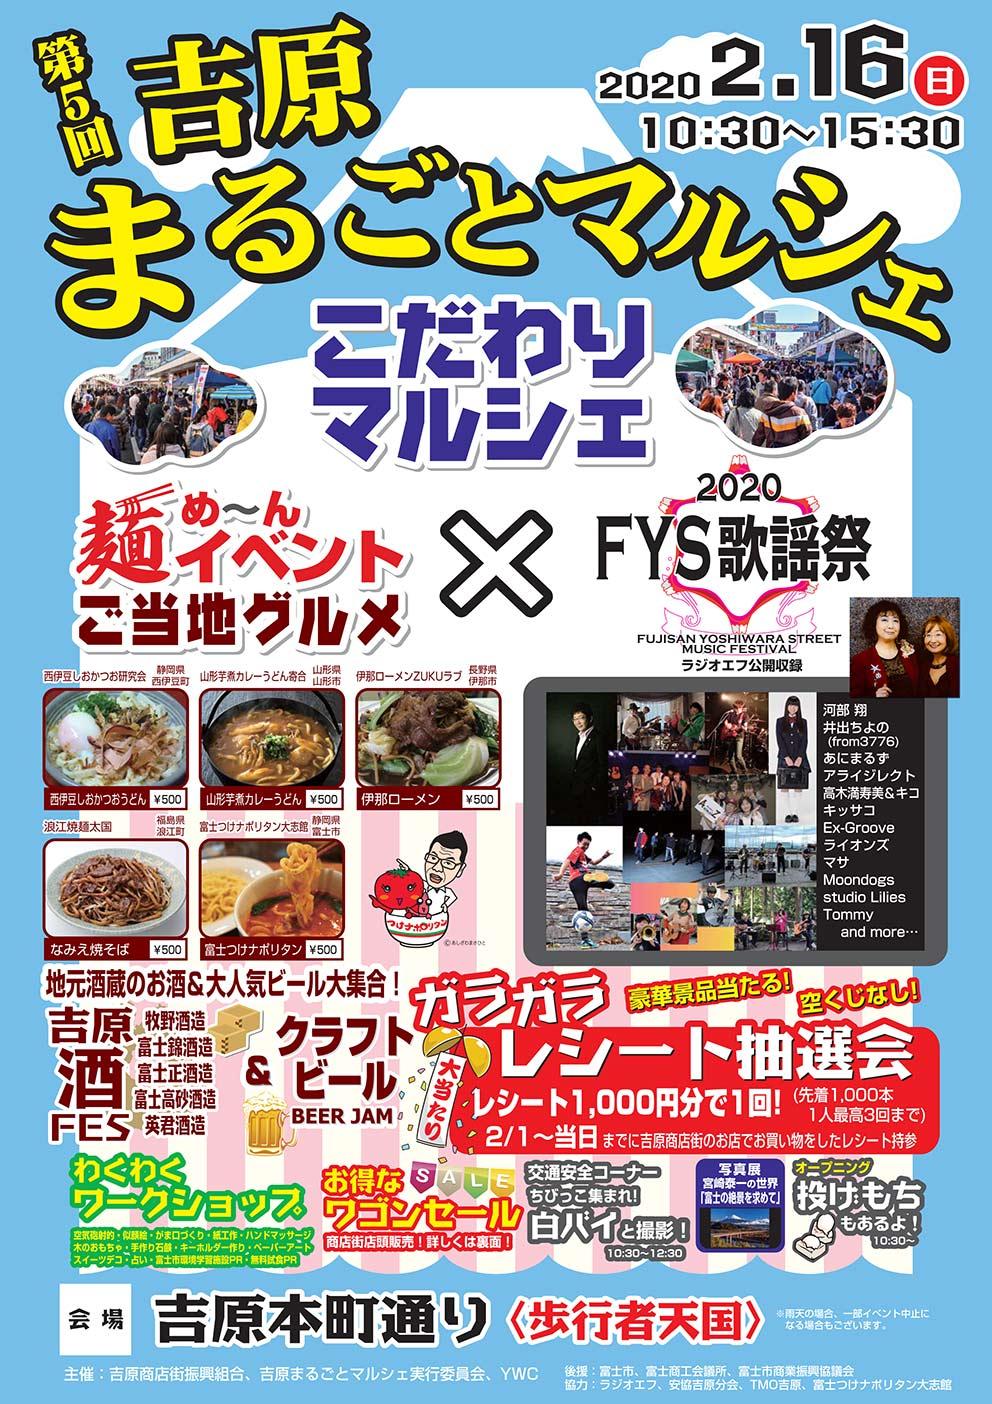 第5回 吉原まるごとマルシェ 2月16日(日)開催!